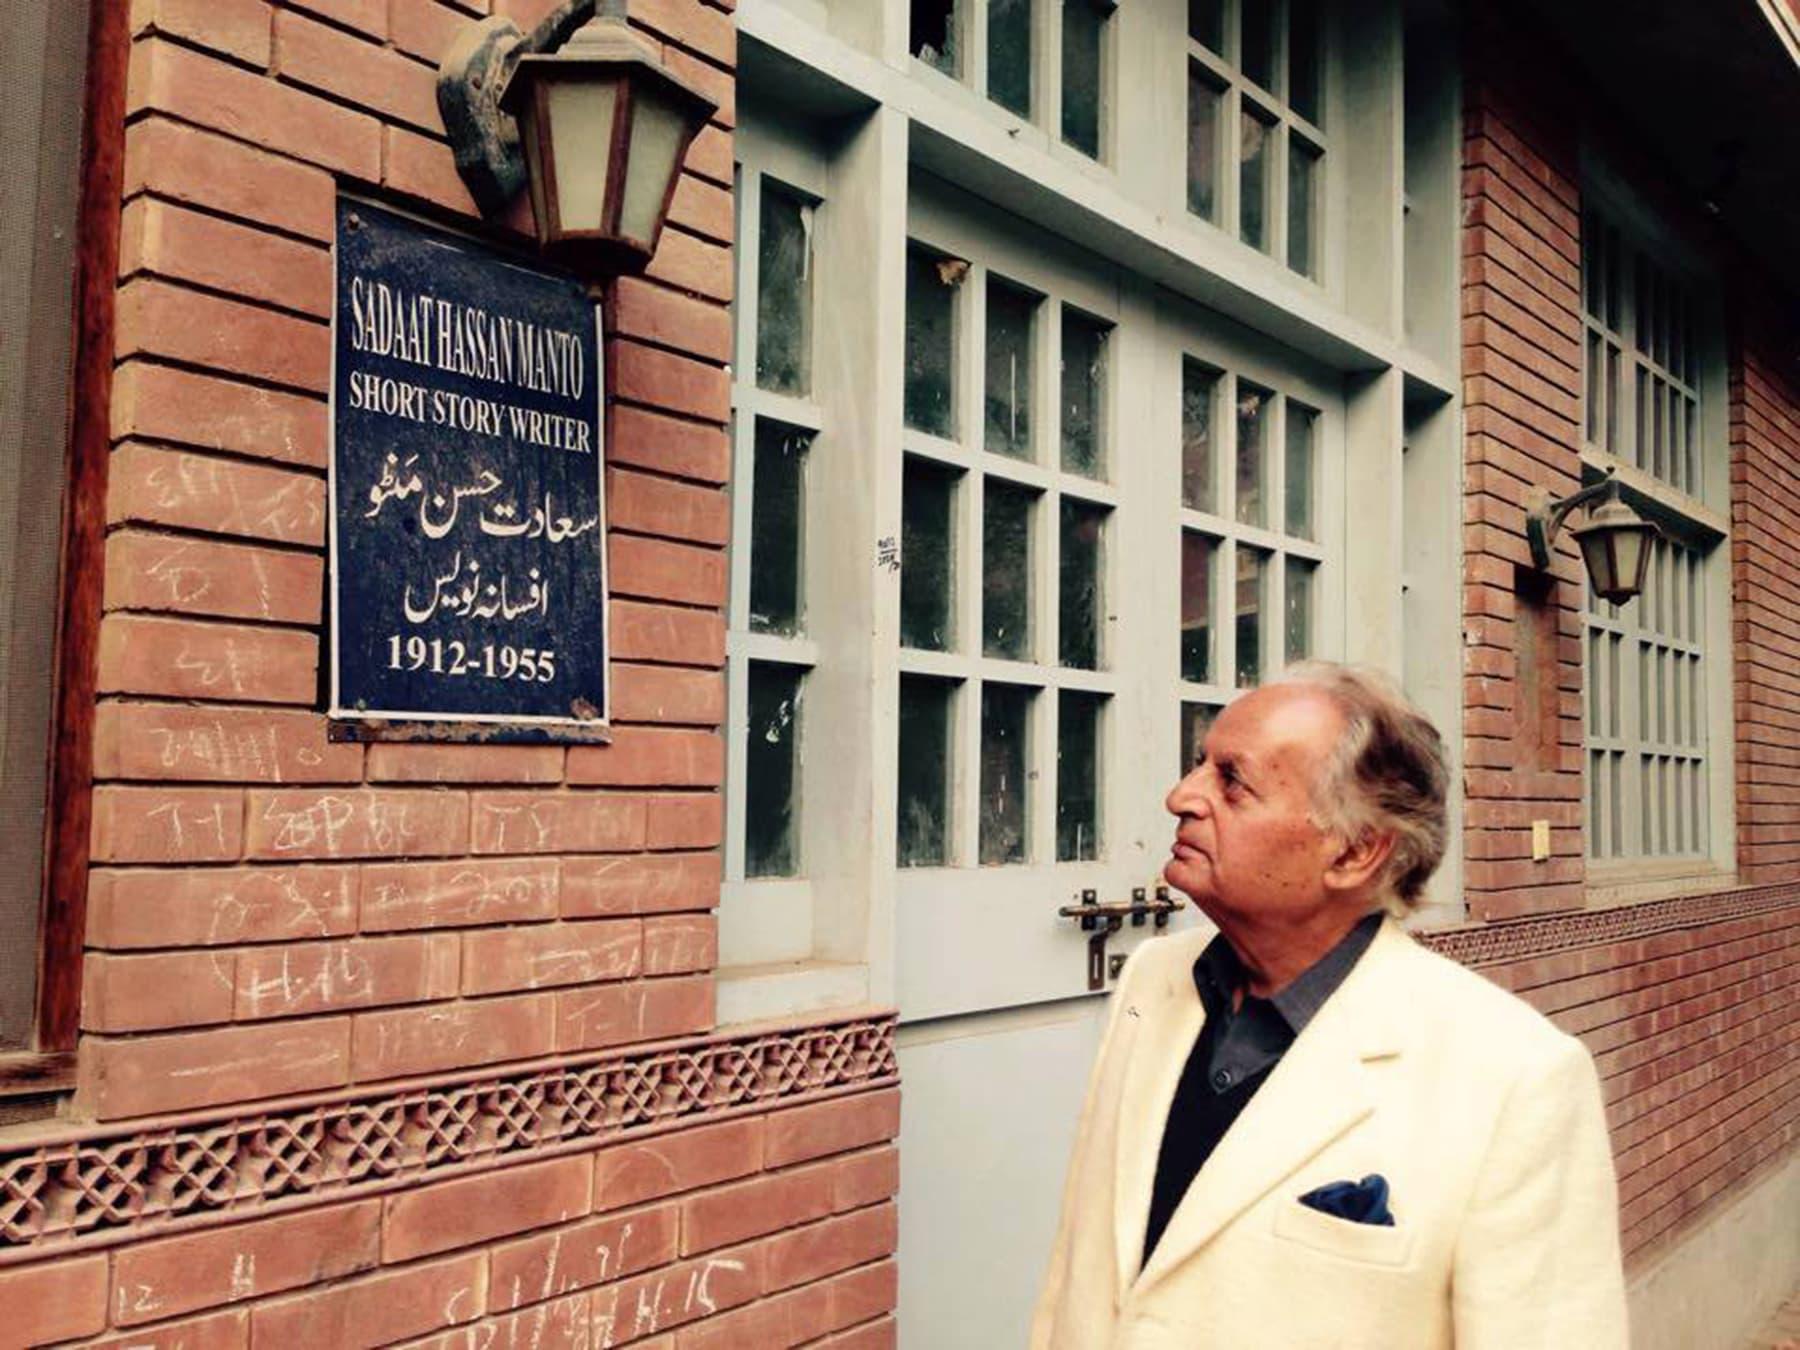 لاہور میں جب ان کی رہائش ہال روڈ پر واقع لکشمی مینشن میں تھی تو یہاں انہیں سعادت حسن منٹو، معراج خالد، خورشید شاہد اور عائشہ جلال کے پڑوسی ہونے کا موقع ملا